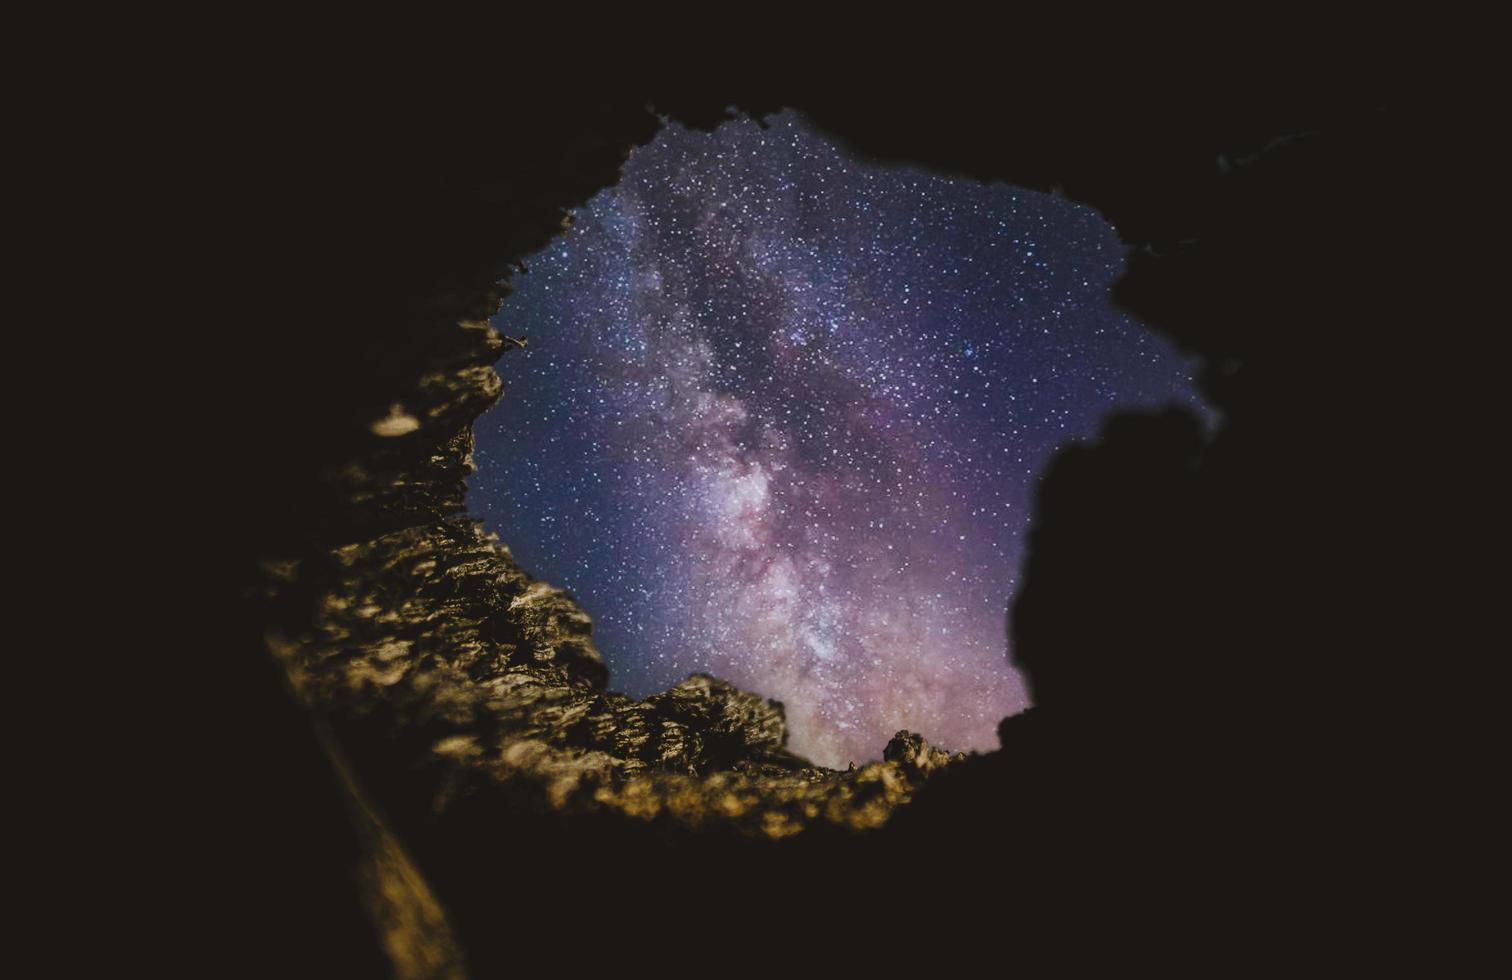 Sternenhimmel aus dem Inneren einer Höhle foto